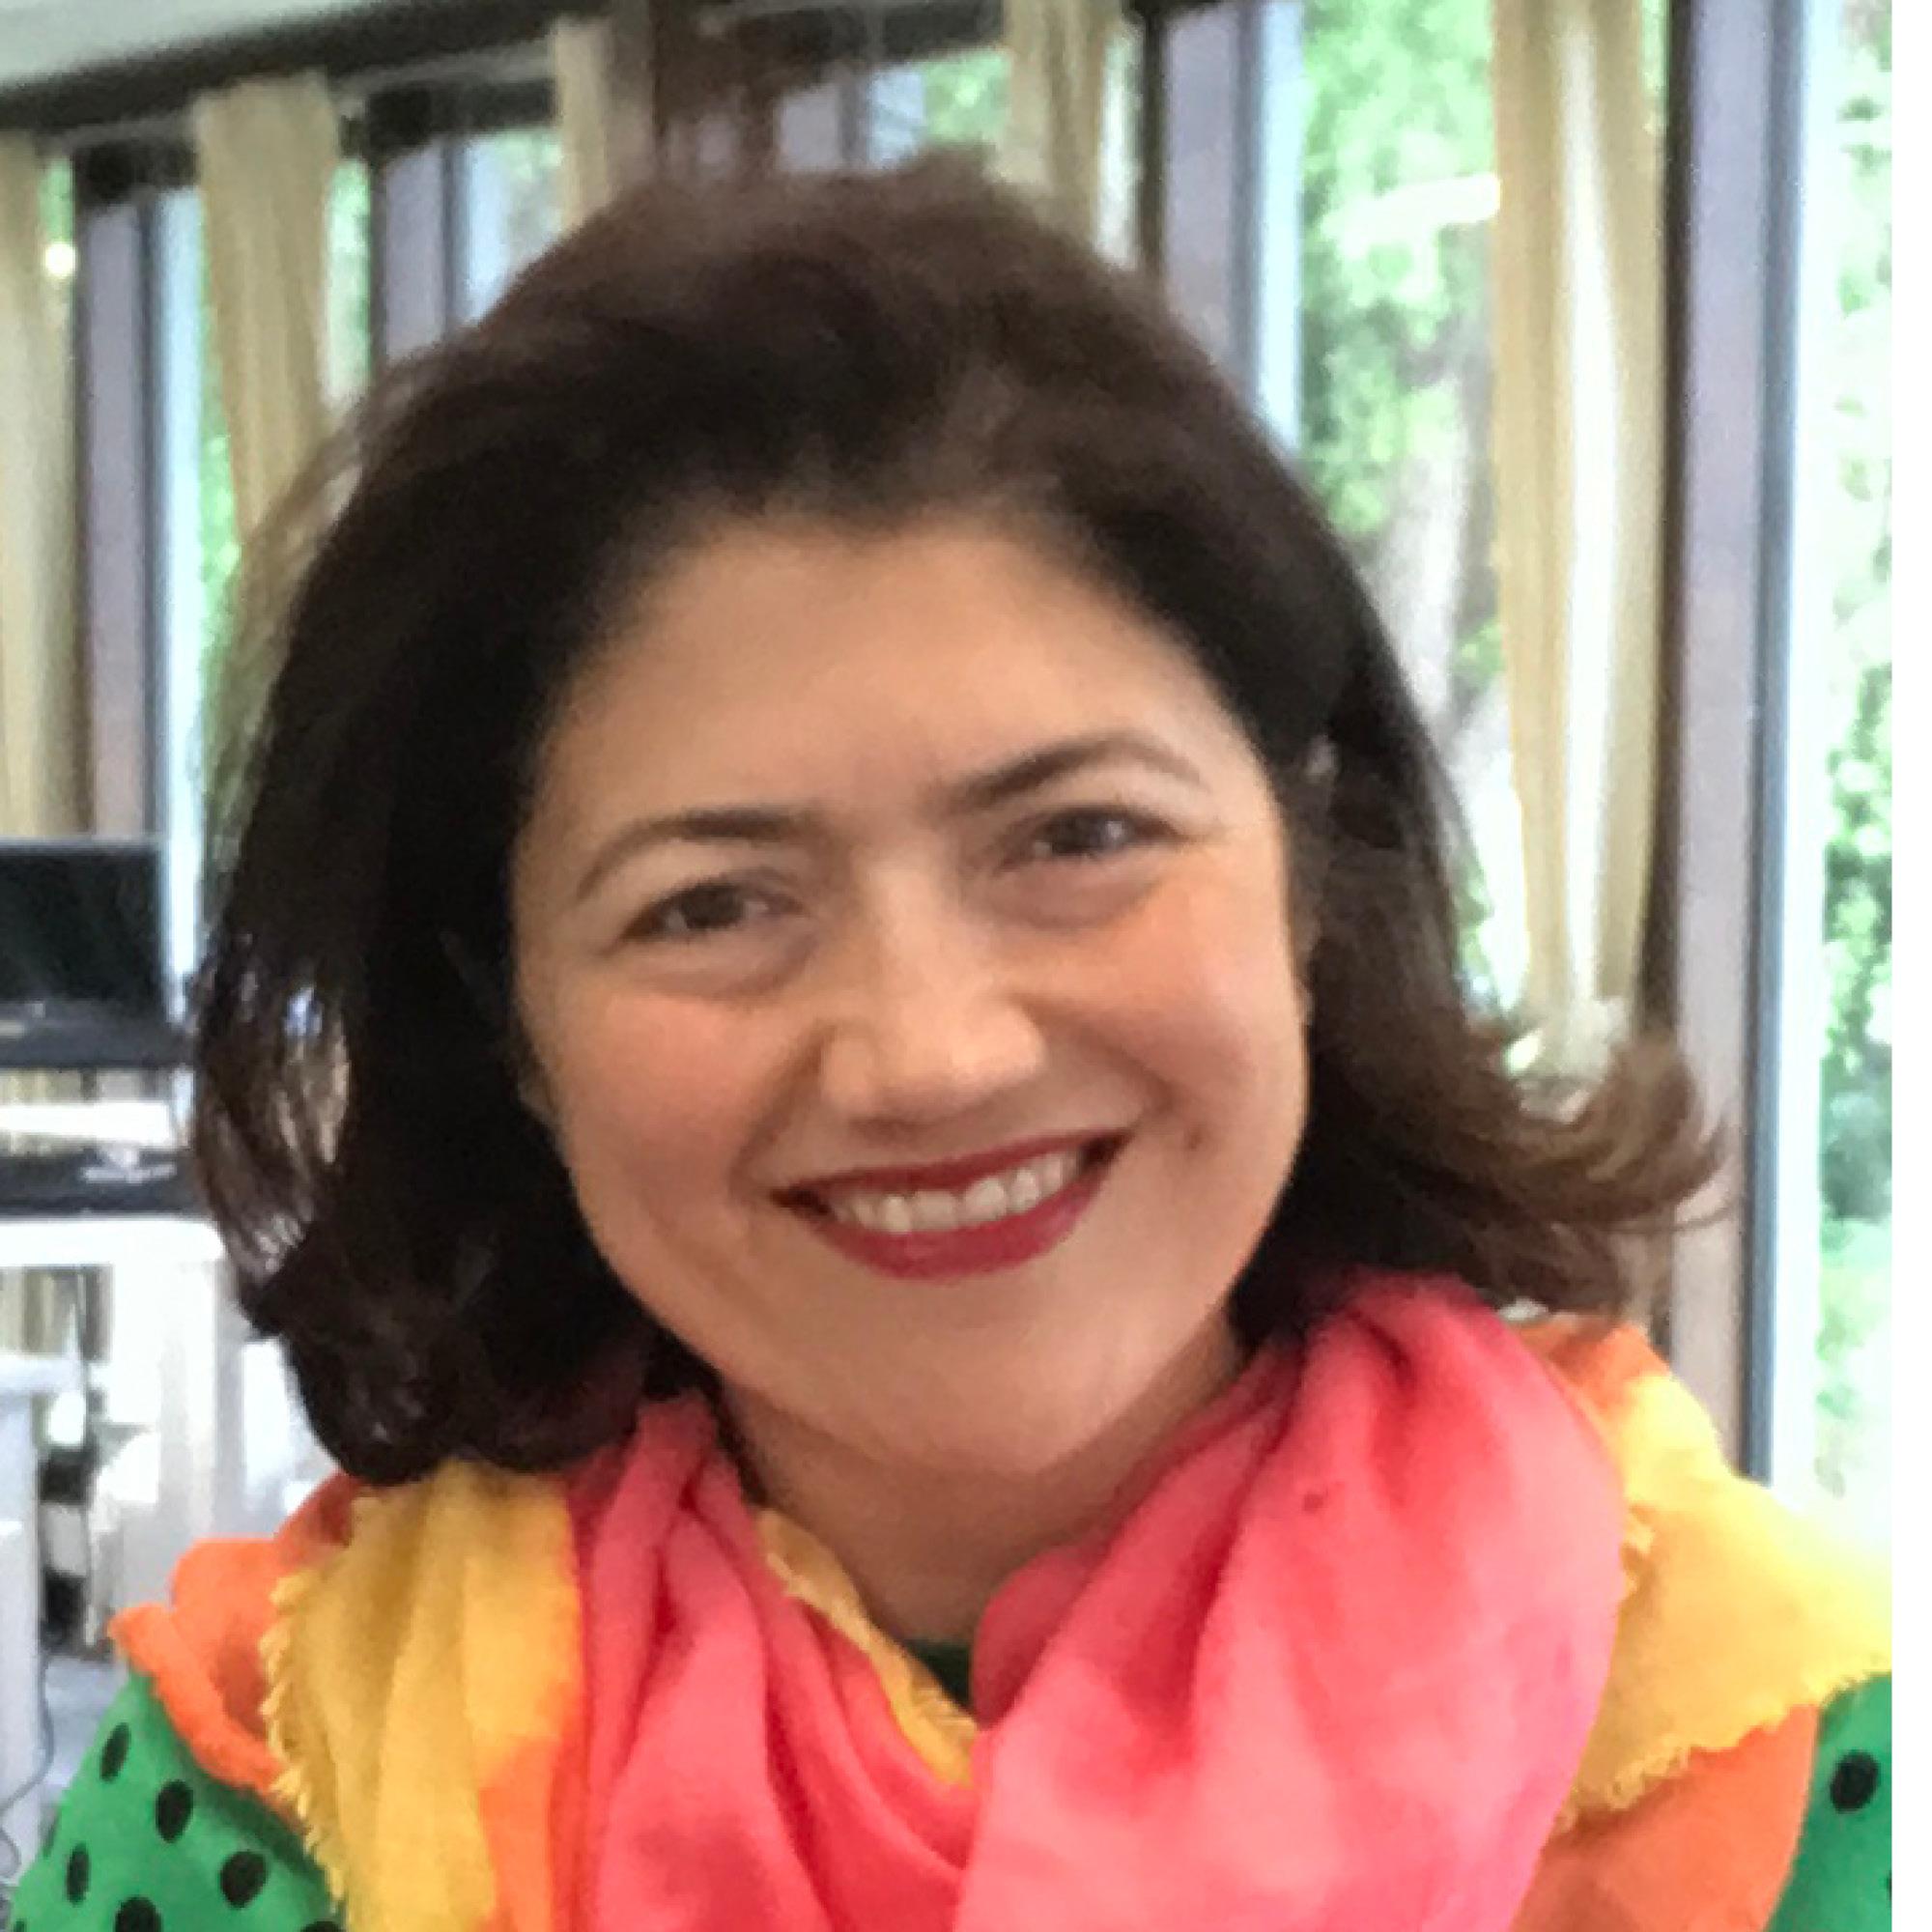 Sara Jamshidi